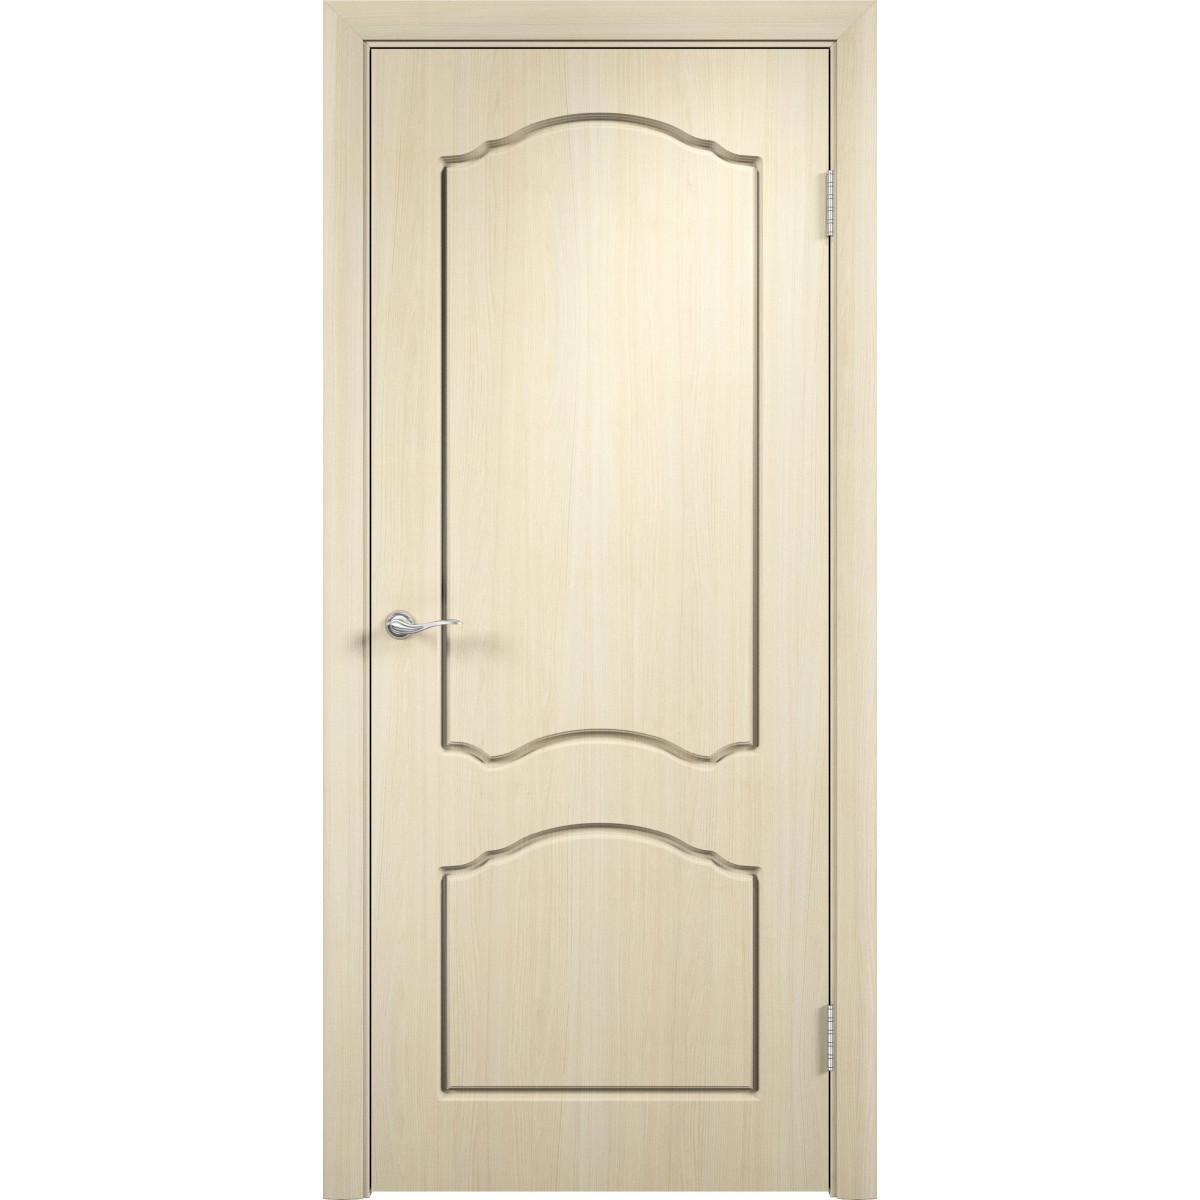 Дверное полотно Verda Лидия МП_0451 2000х800х40 мм МДФ